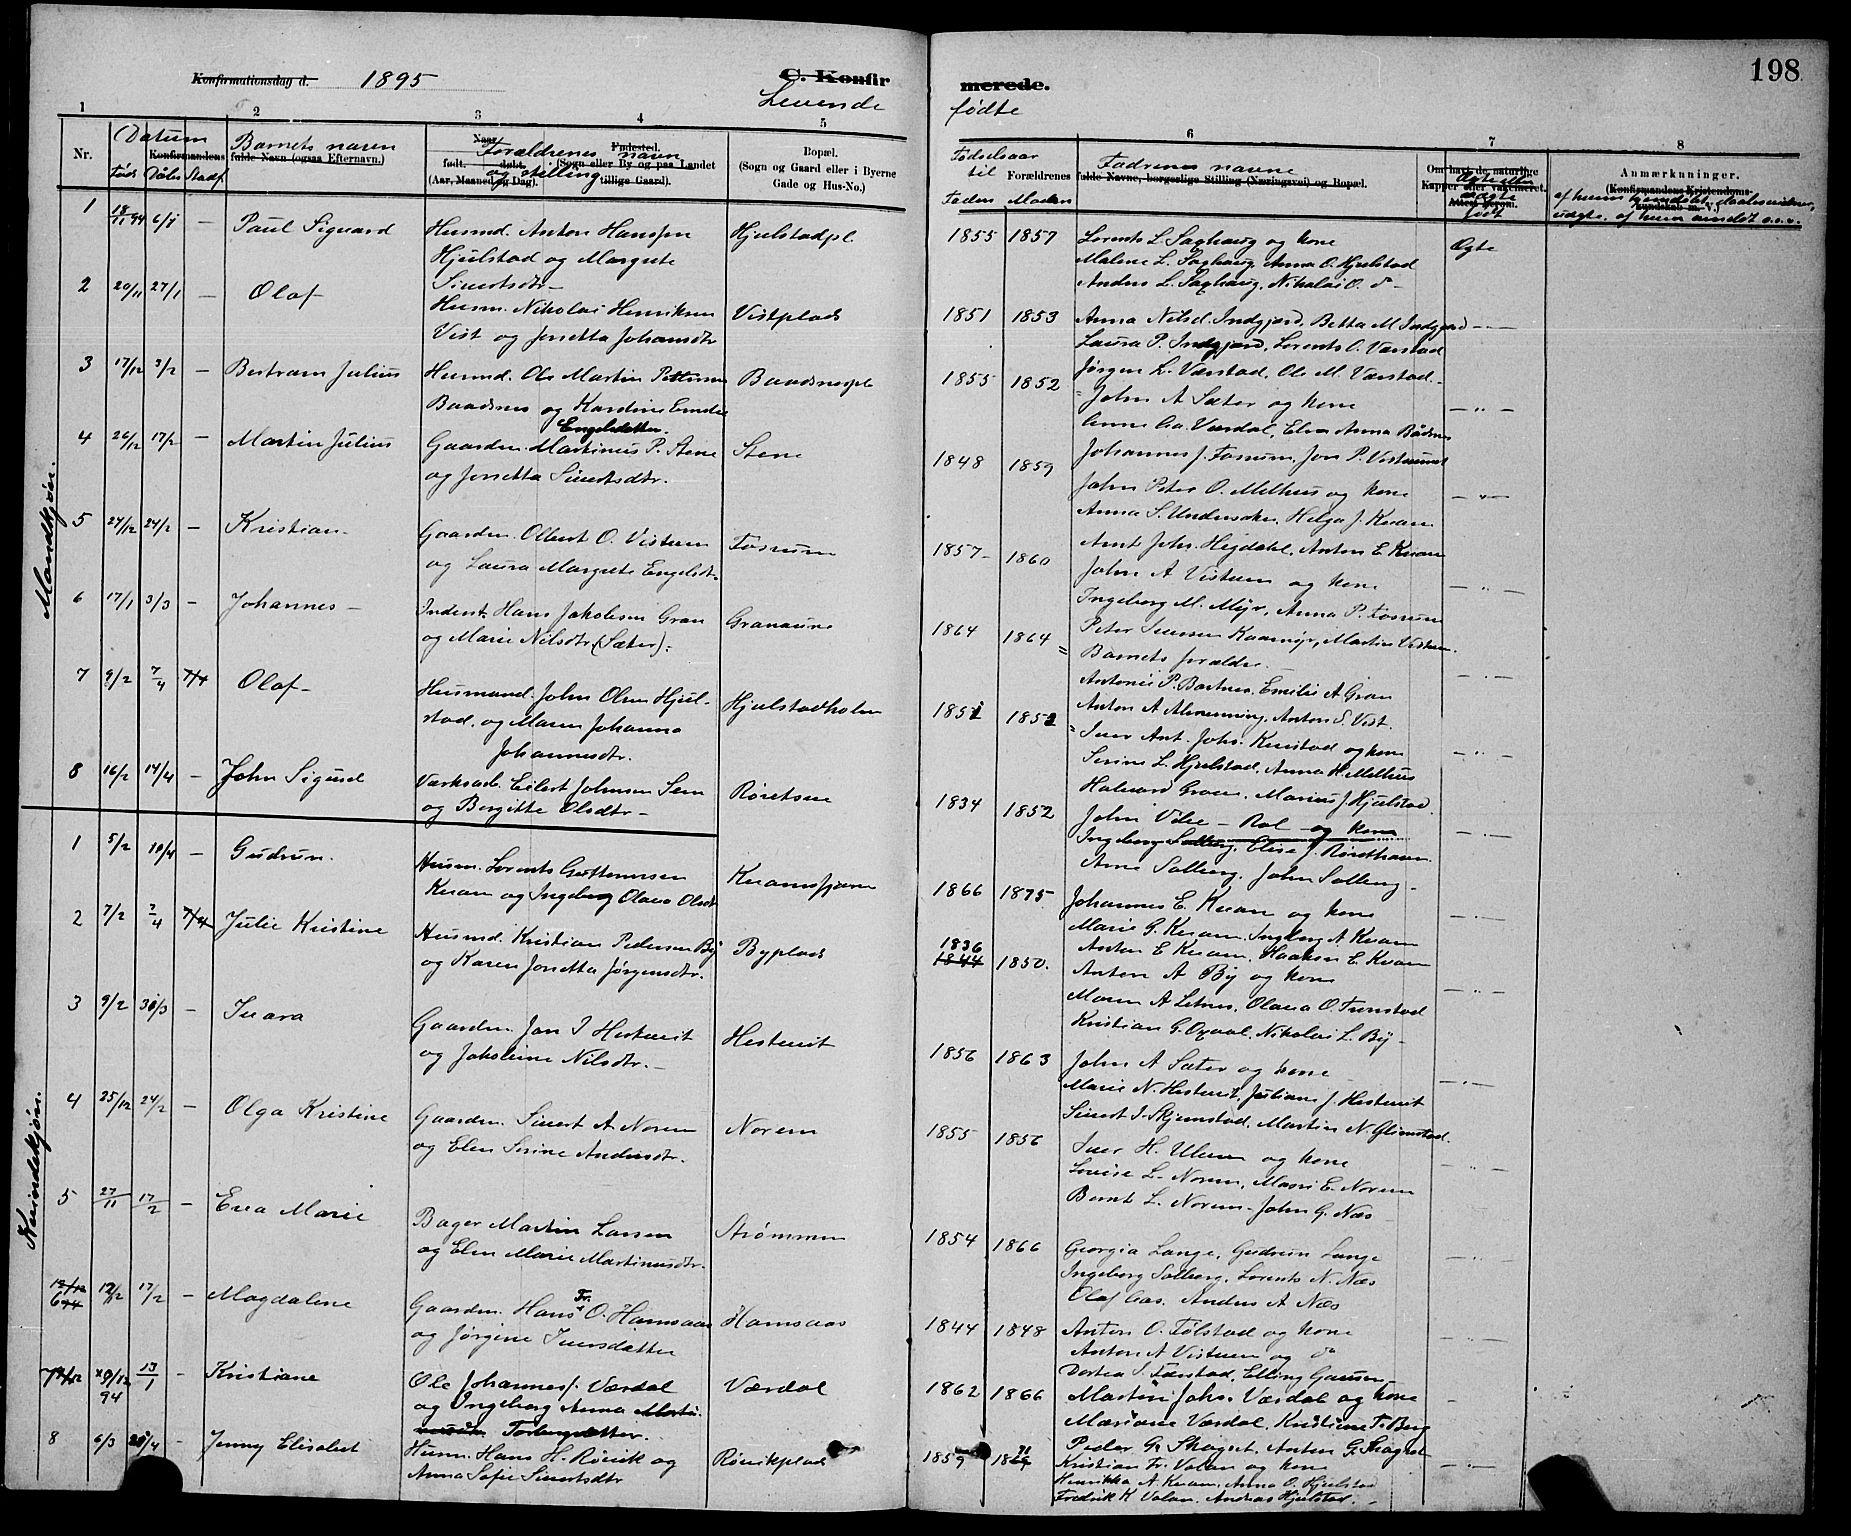 SAT, Ministerialprotokoller, klokkerbøker og fødselsregistre - Nord-Trøndelag, 730/L0301: Klokkerbok nr. 730C04, 1880-1897, s. 198